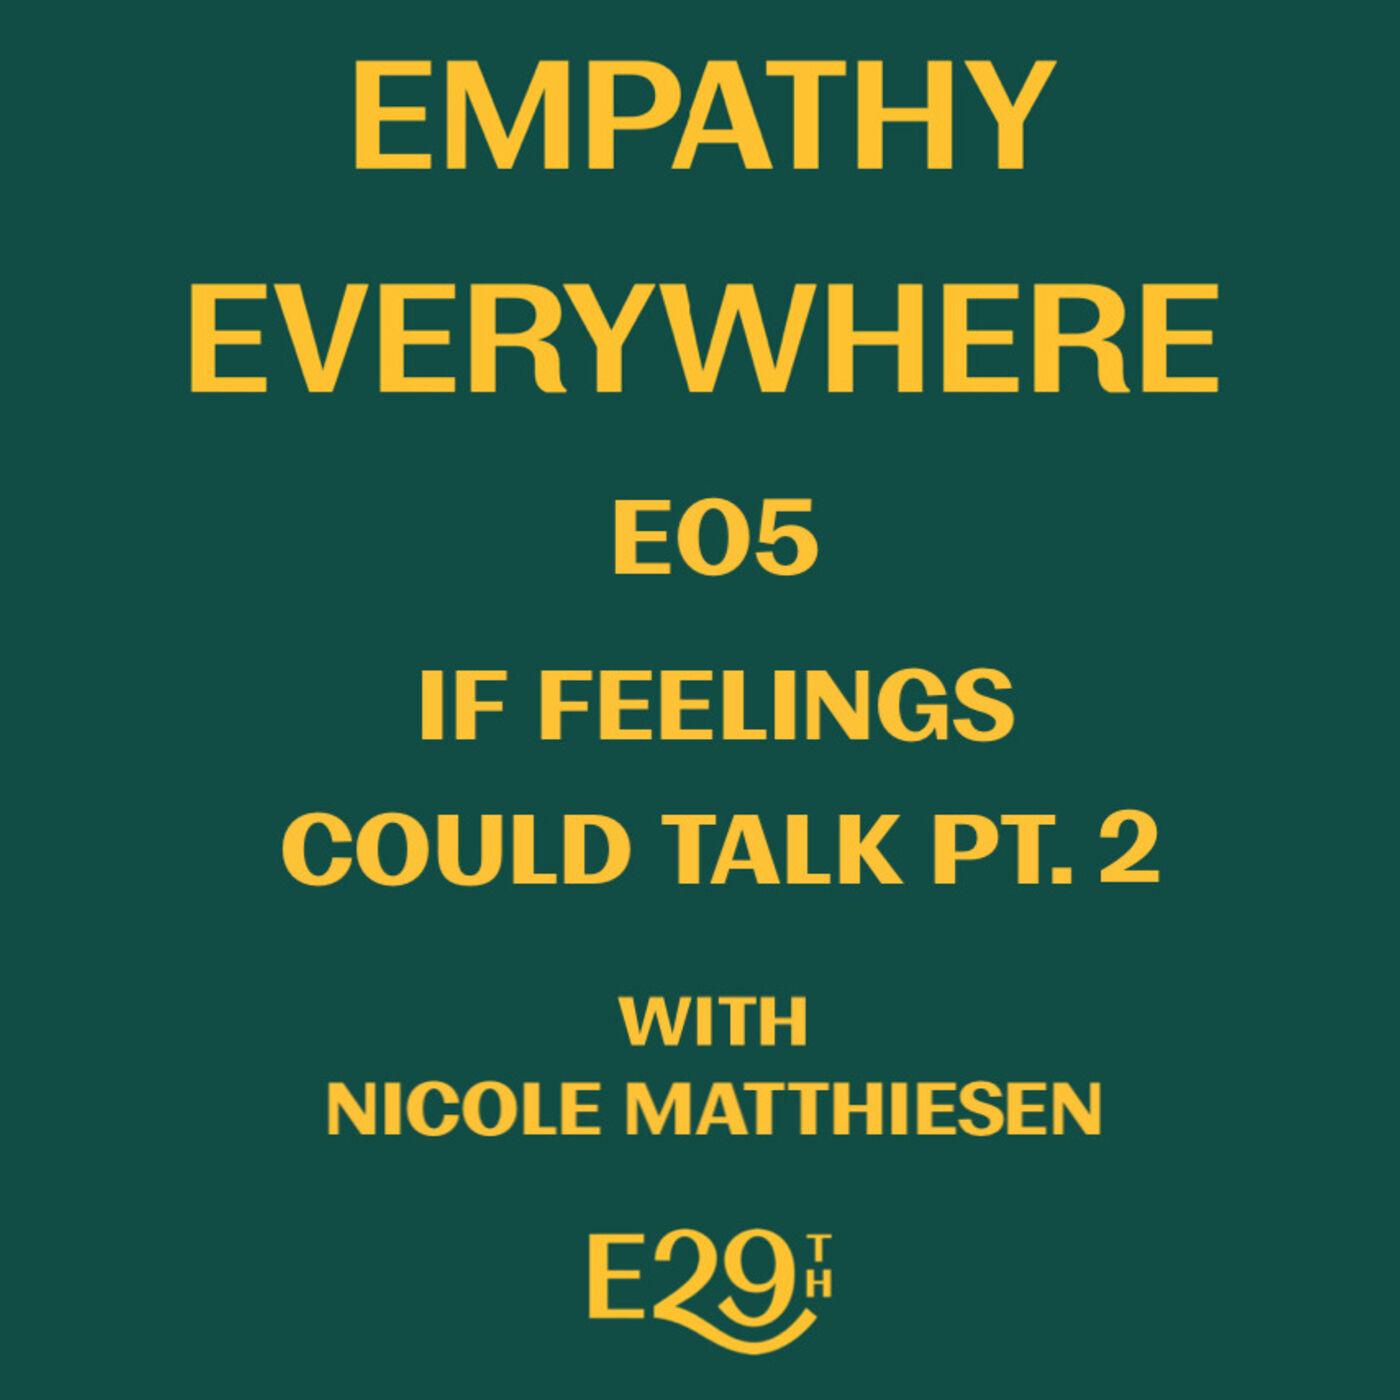 E05 - If Feelings Could Talk Pt. 2